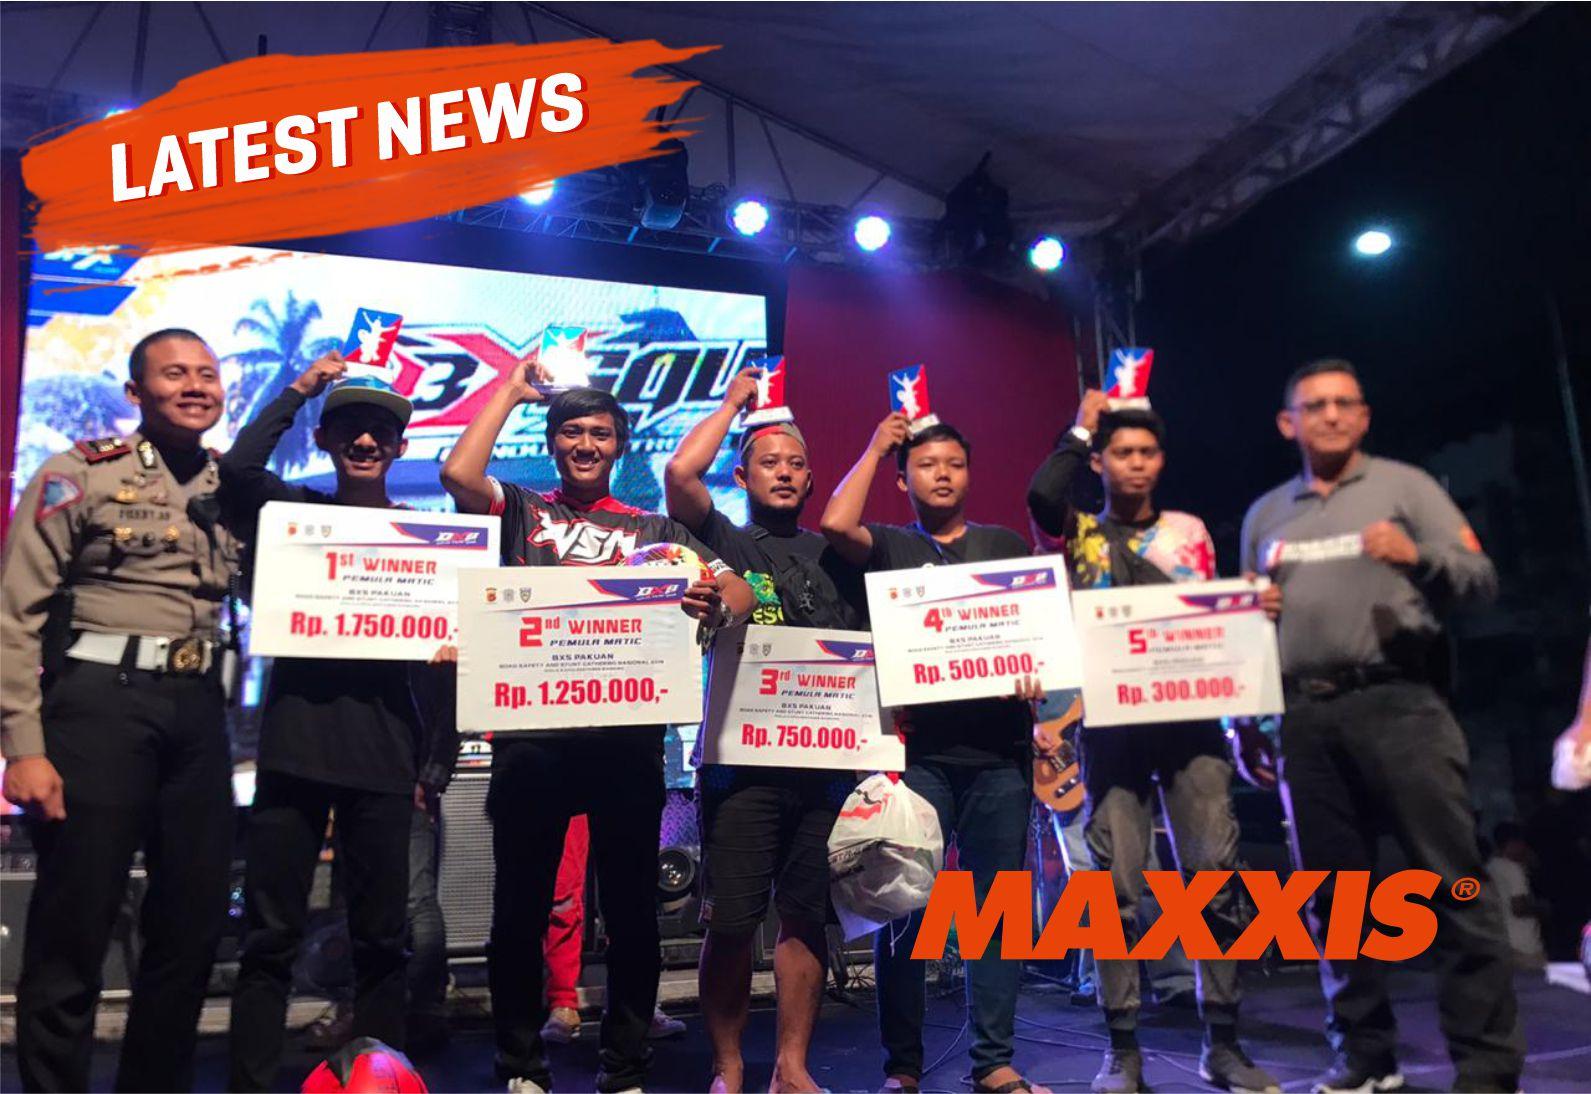 Maxxis Sukses Antarkan Bakat Muda Naik Podium Juara